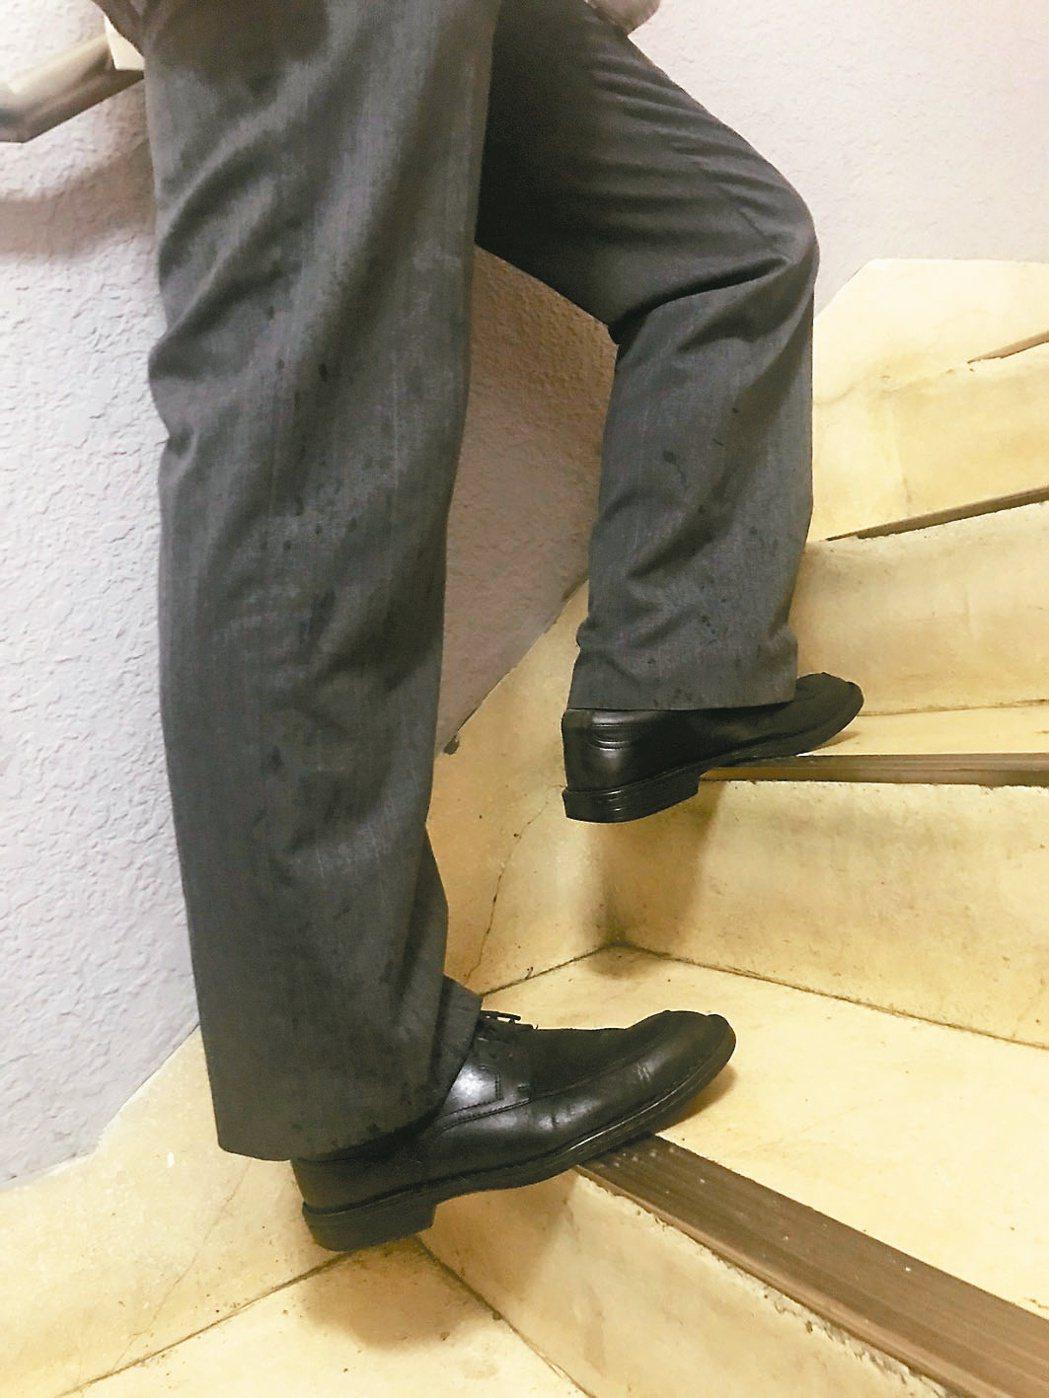 2 想快點上樓,可以一半腳掌踩在階面邊緣上樓,順便刺激足底腳心的湧泉穴。圖/簡文...